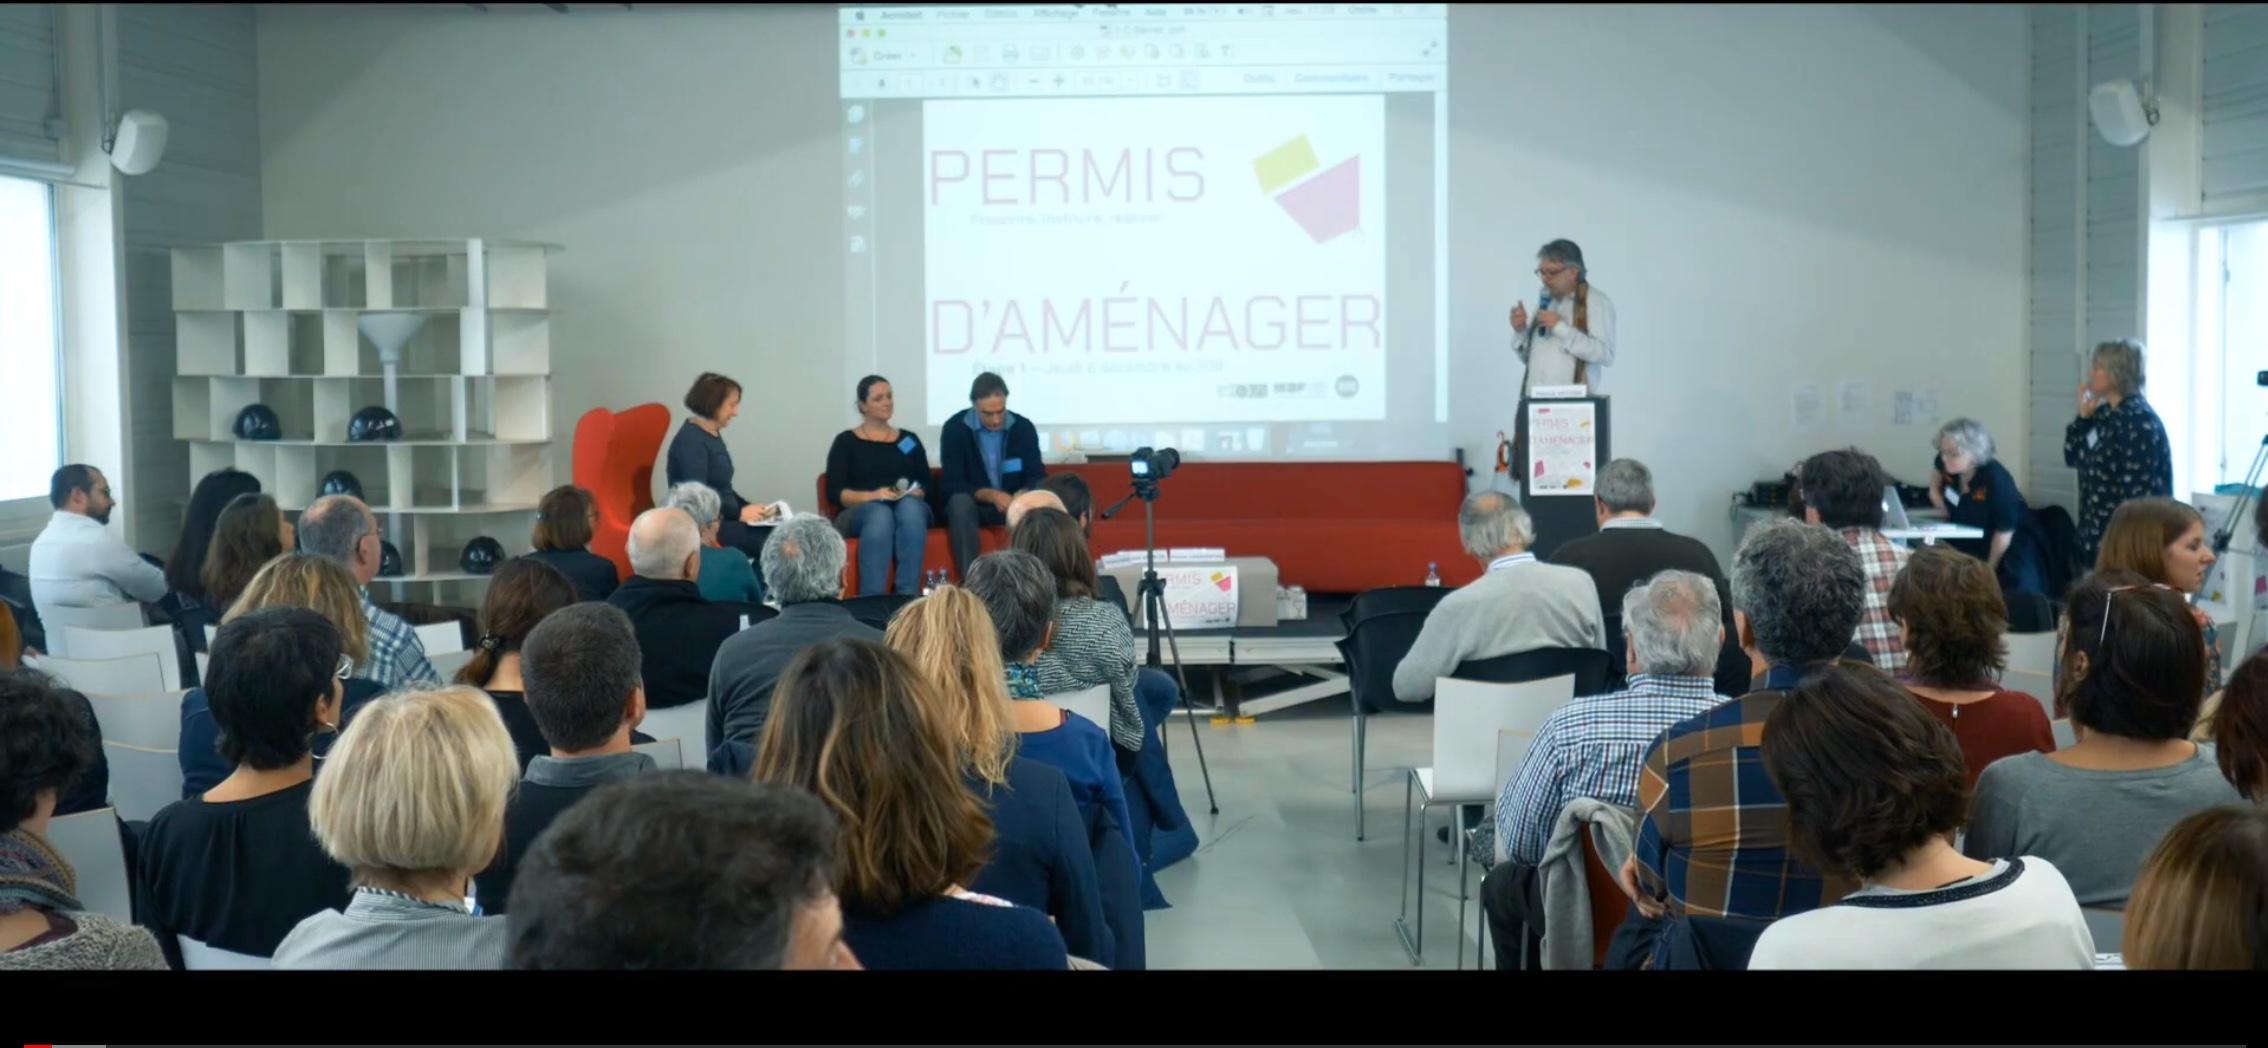 Vidéo Séminaire Permis d'aménager - étape 1 à Bordeaux 06/12/18